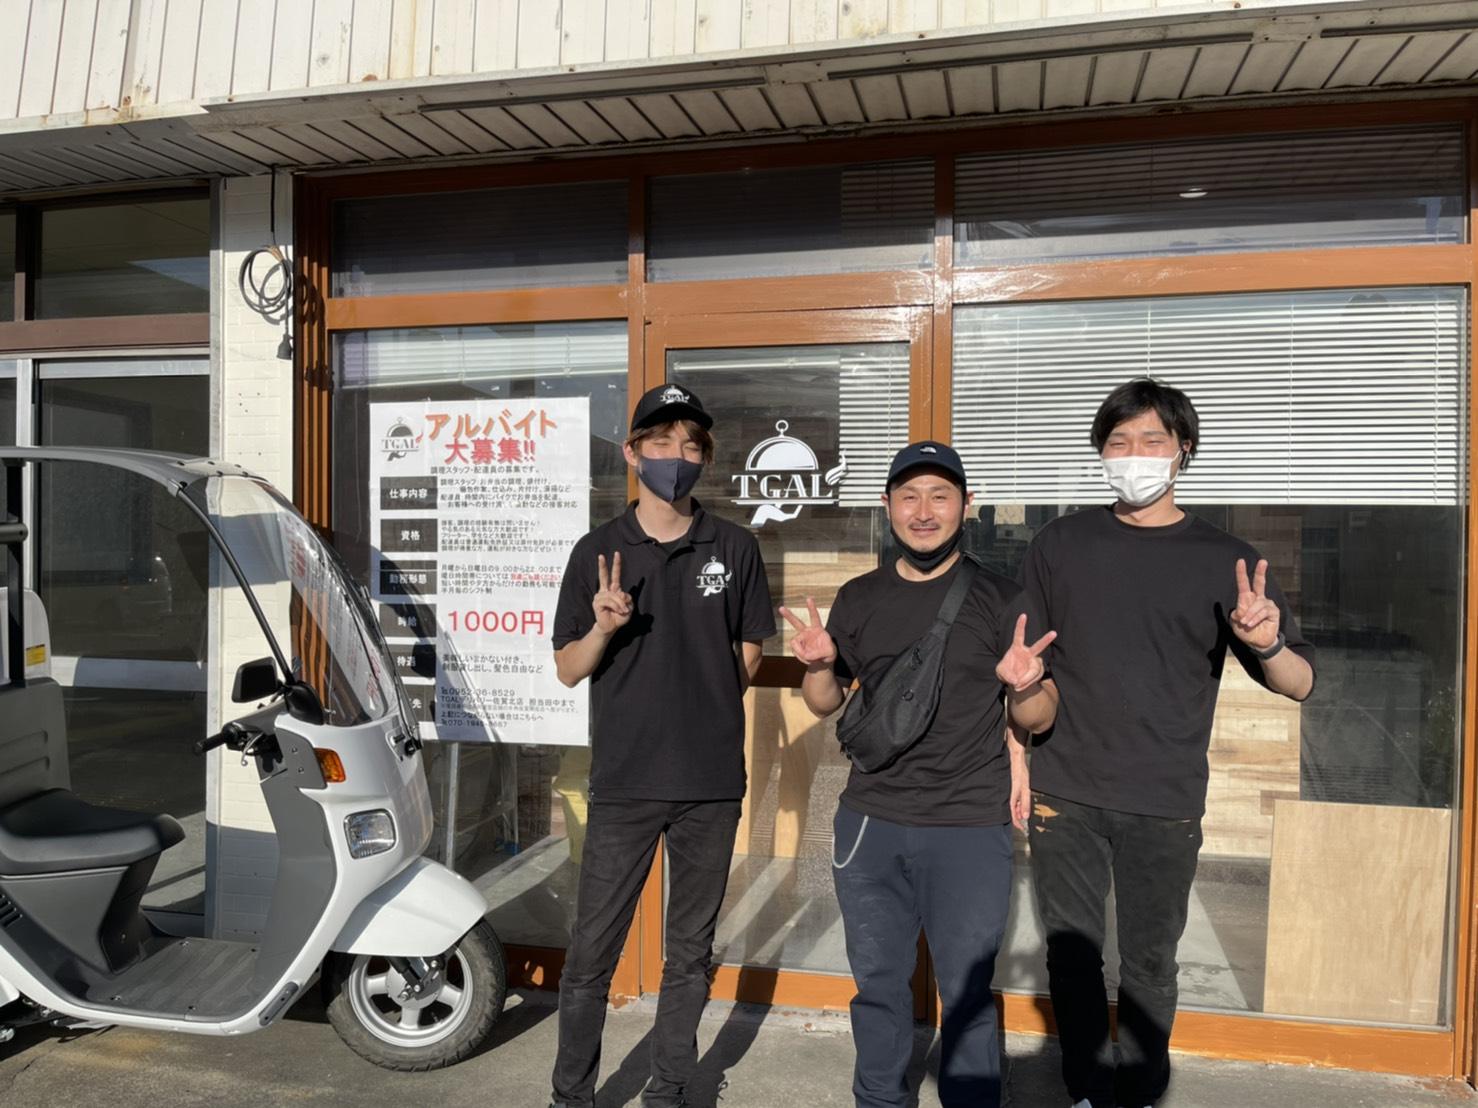 【新店舗】TGALデリバリー佐賀北店が9月21日にオープン致しました。